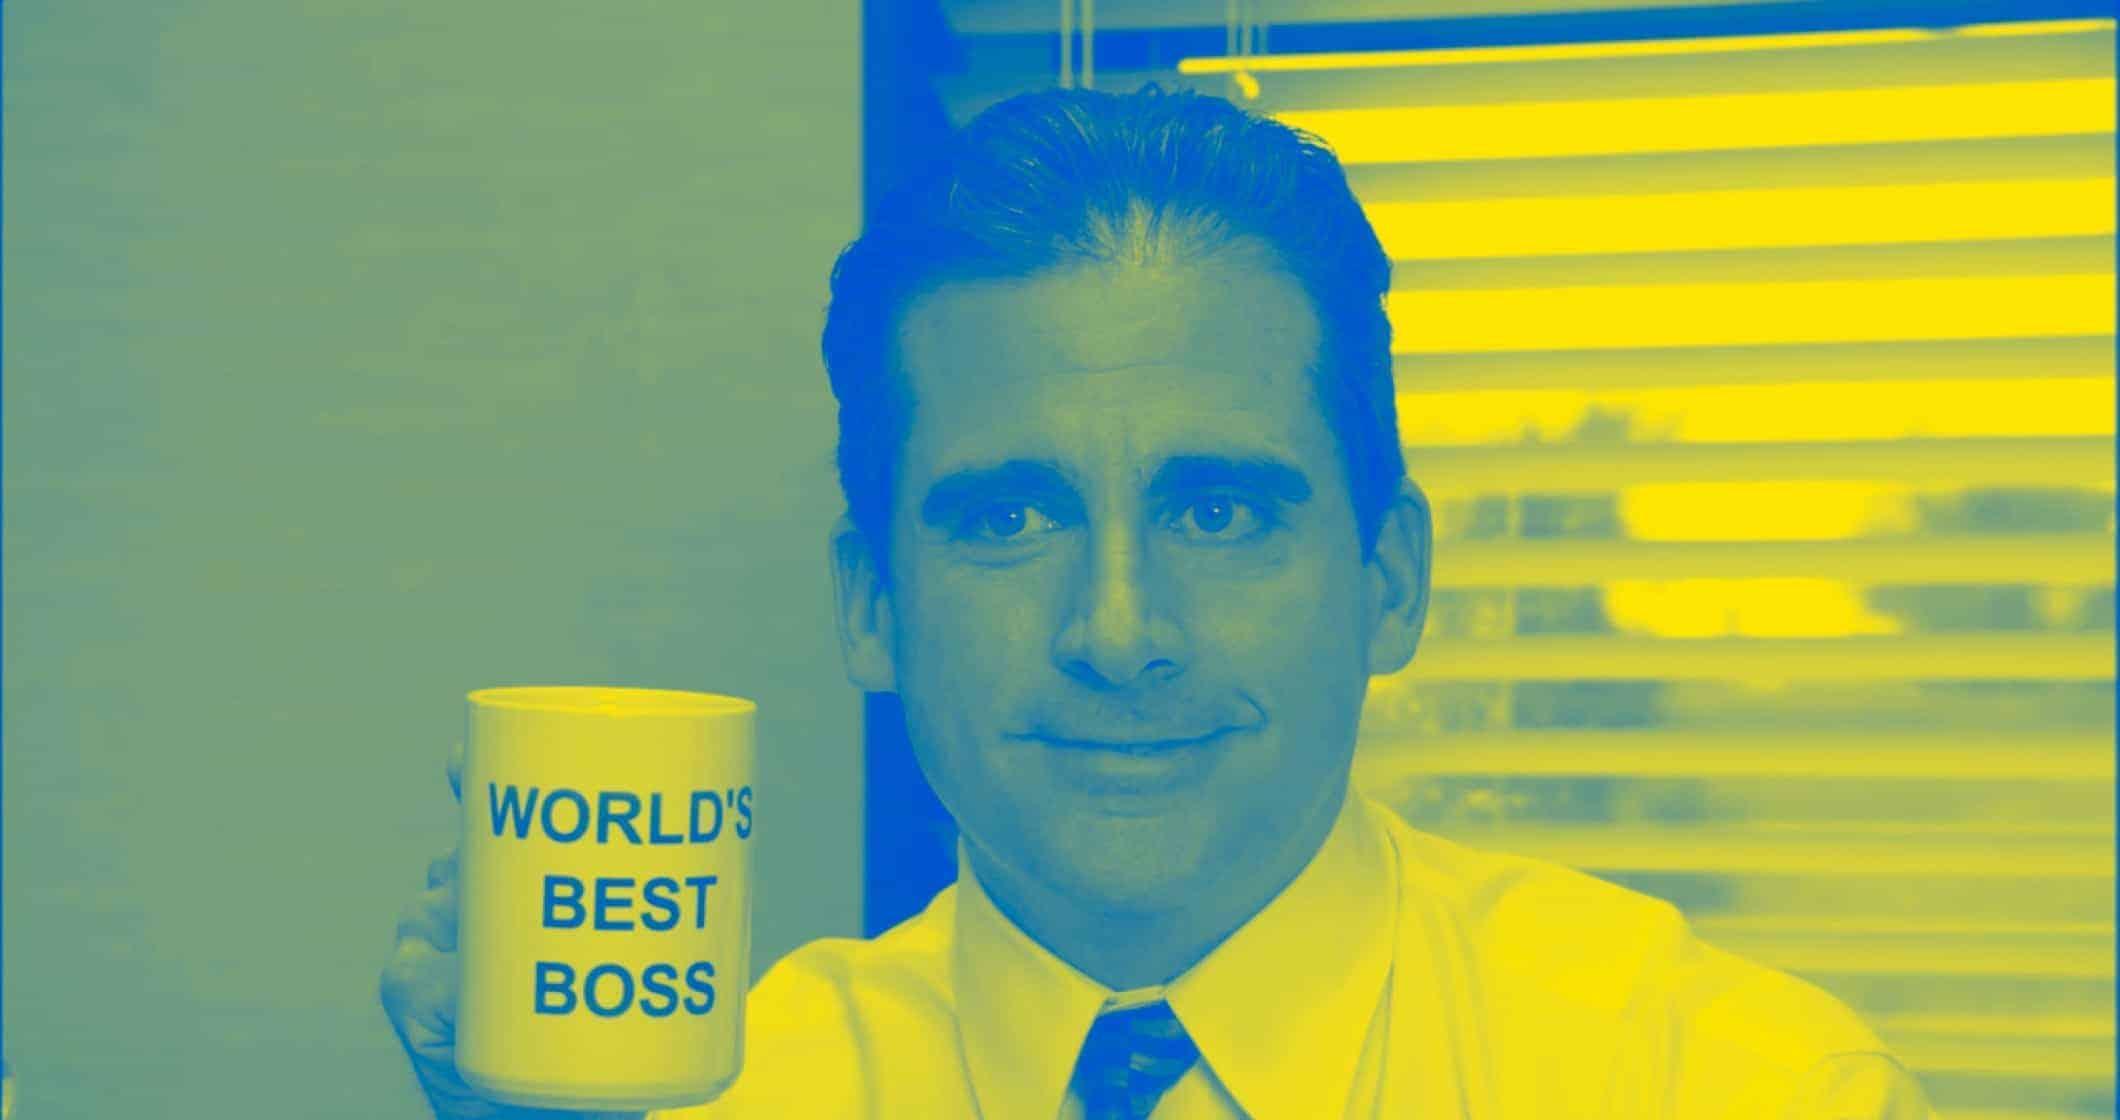 As 8 melhores características de um líder de acordo com a Google